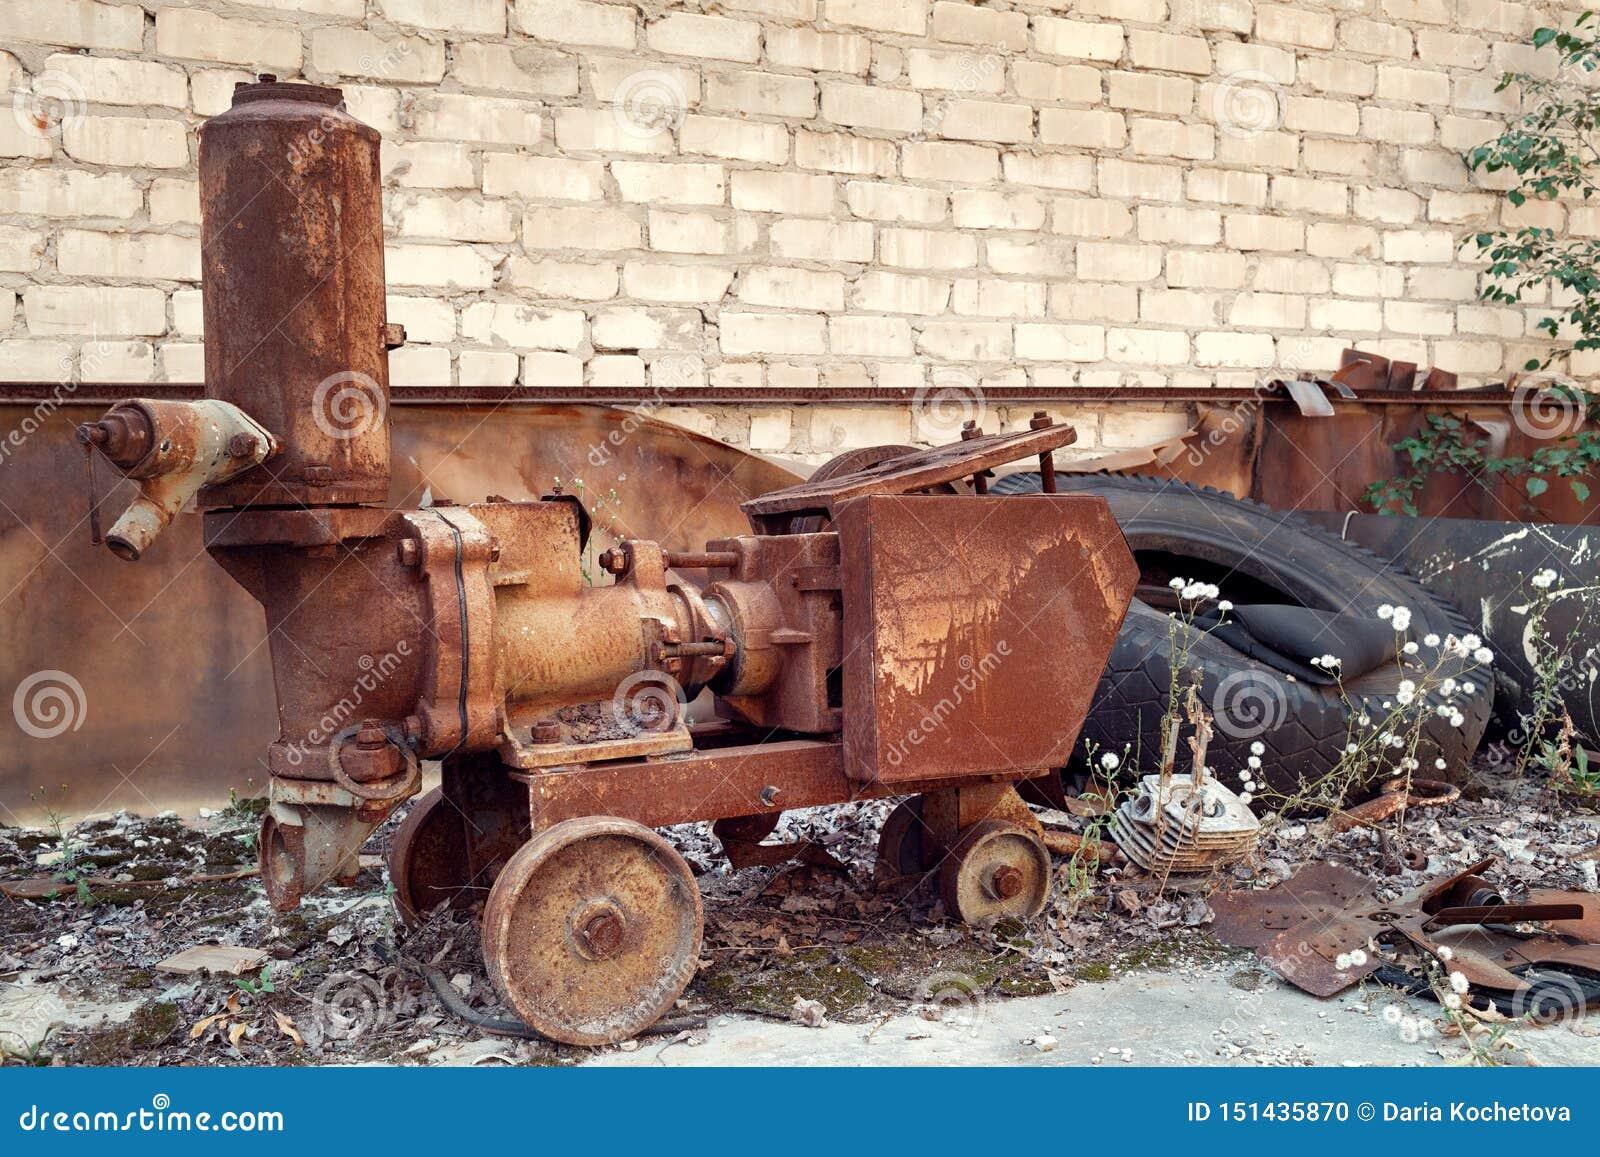 Equipo abandonado oxidado en la ciudad militar de Chernobyl-2